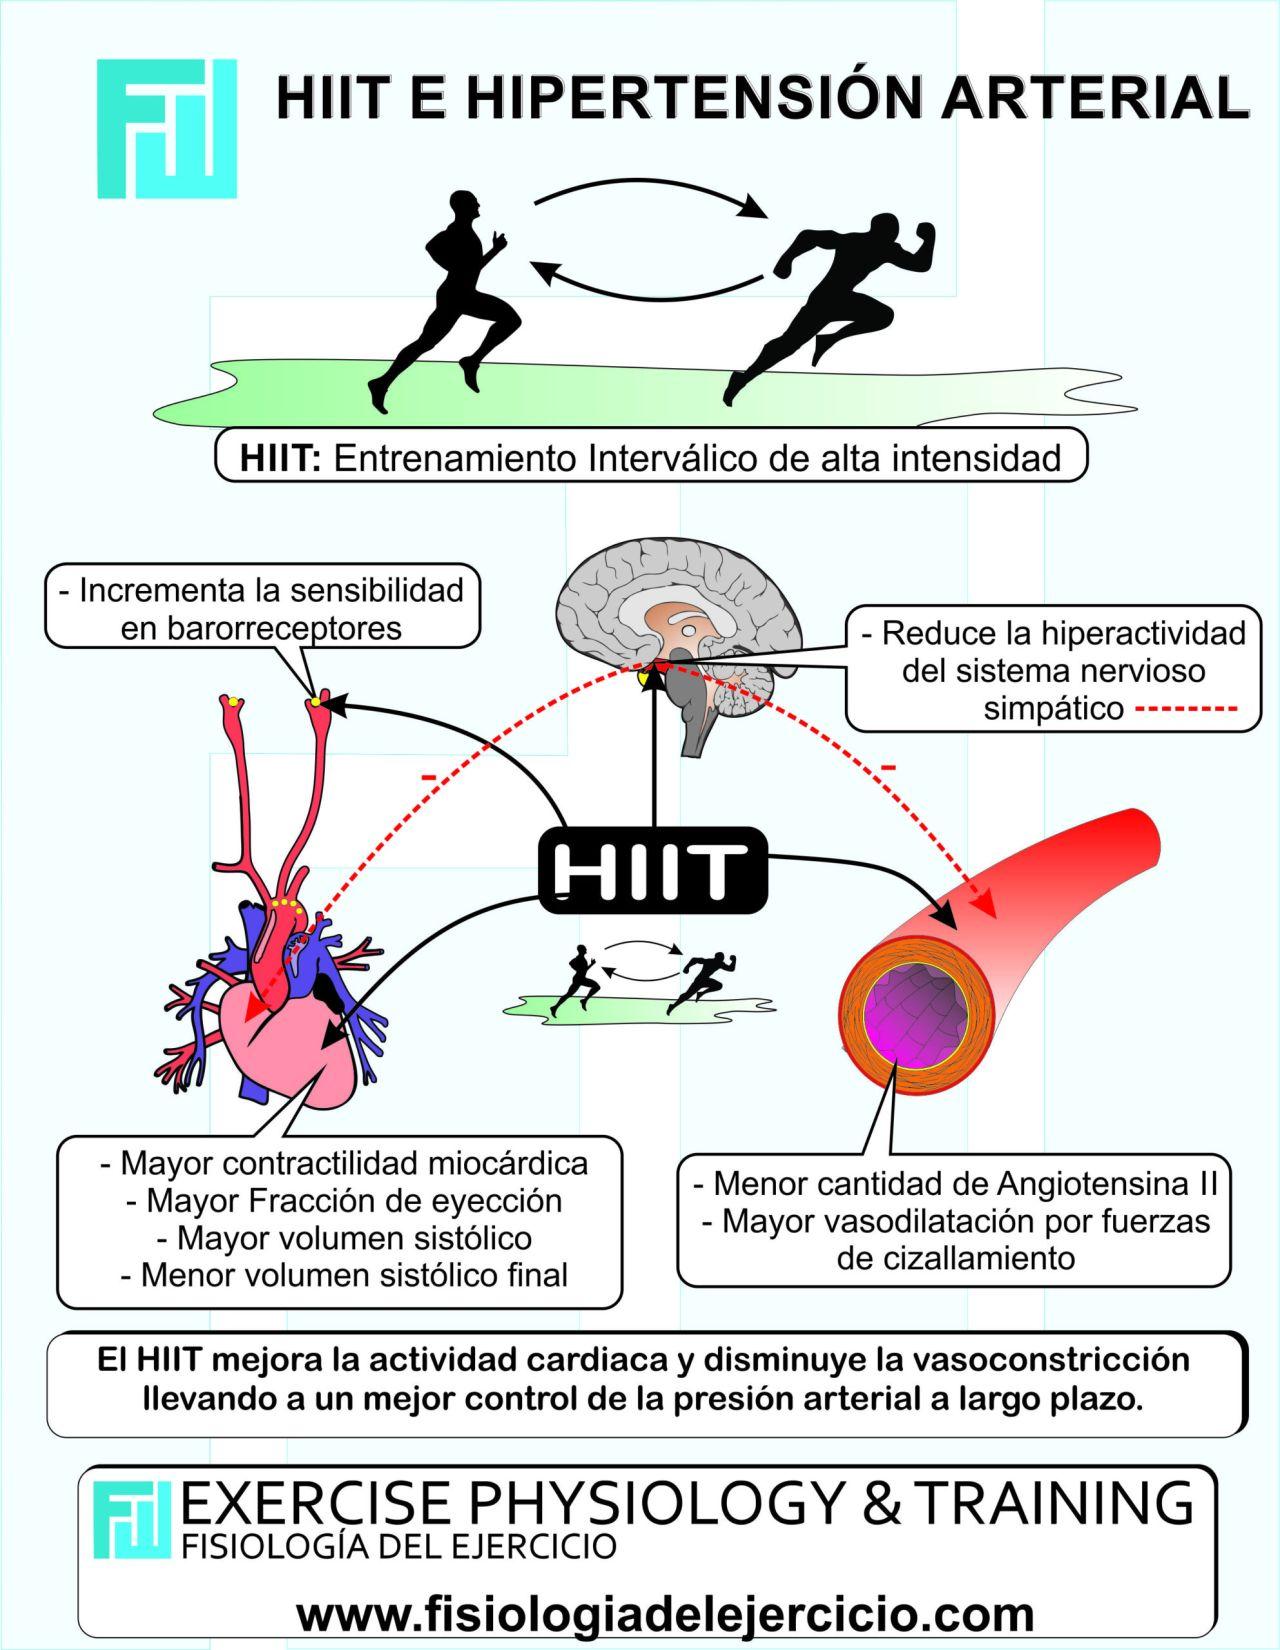 HiiT e Hipertensión Arterial